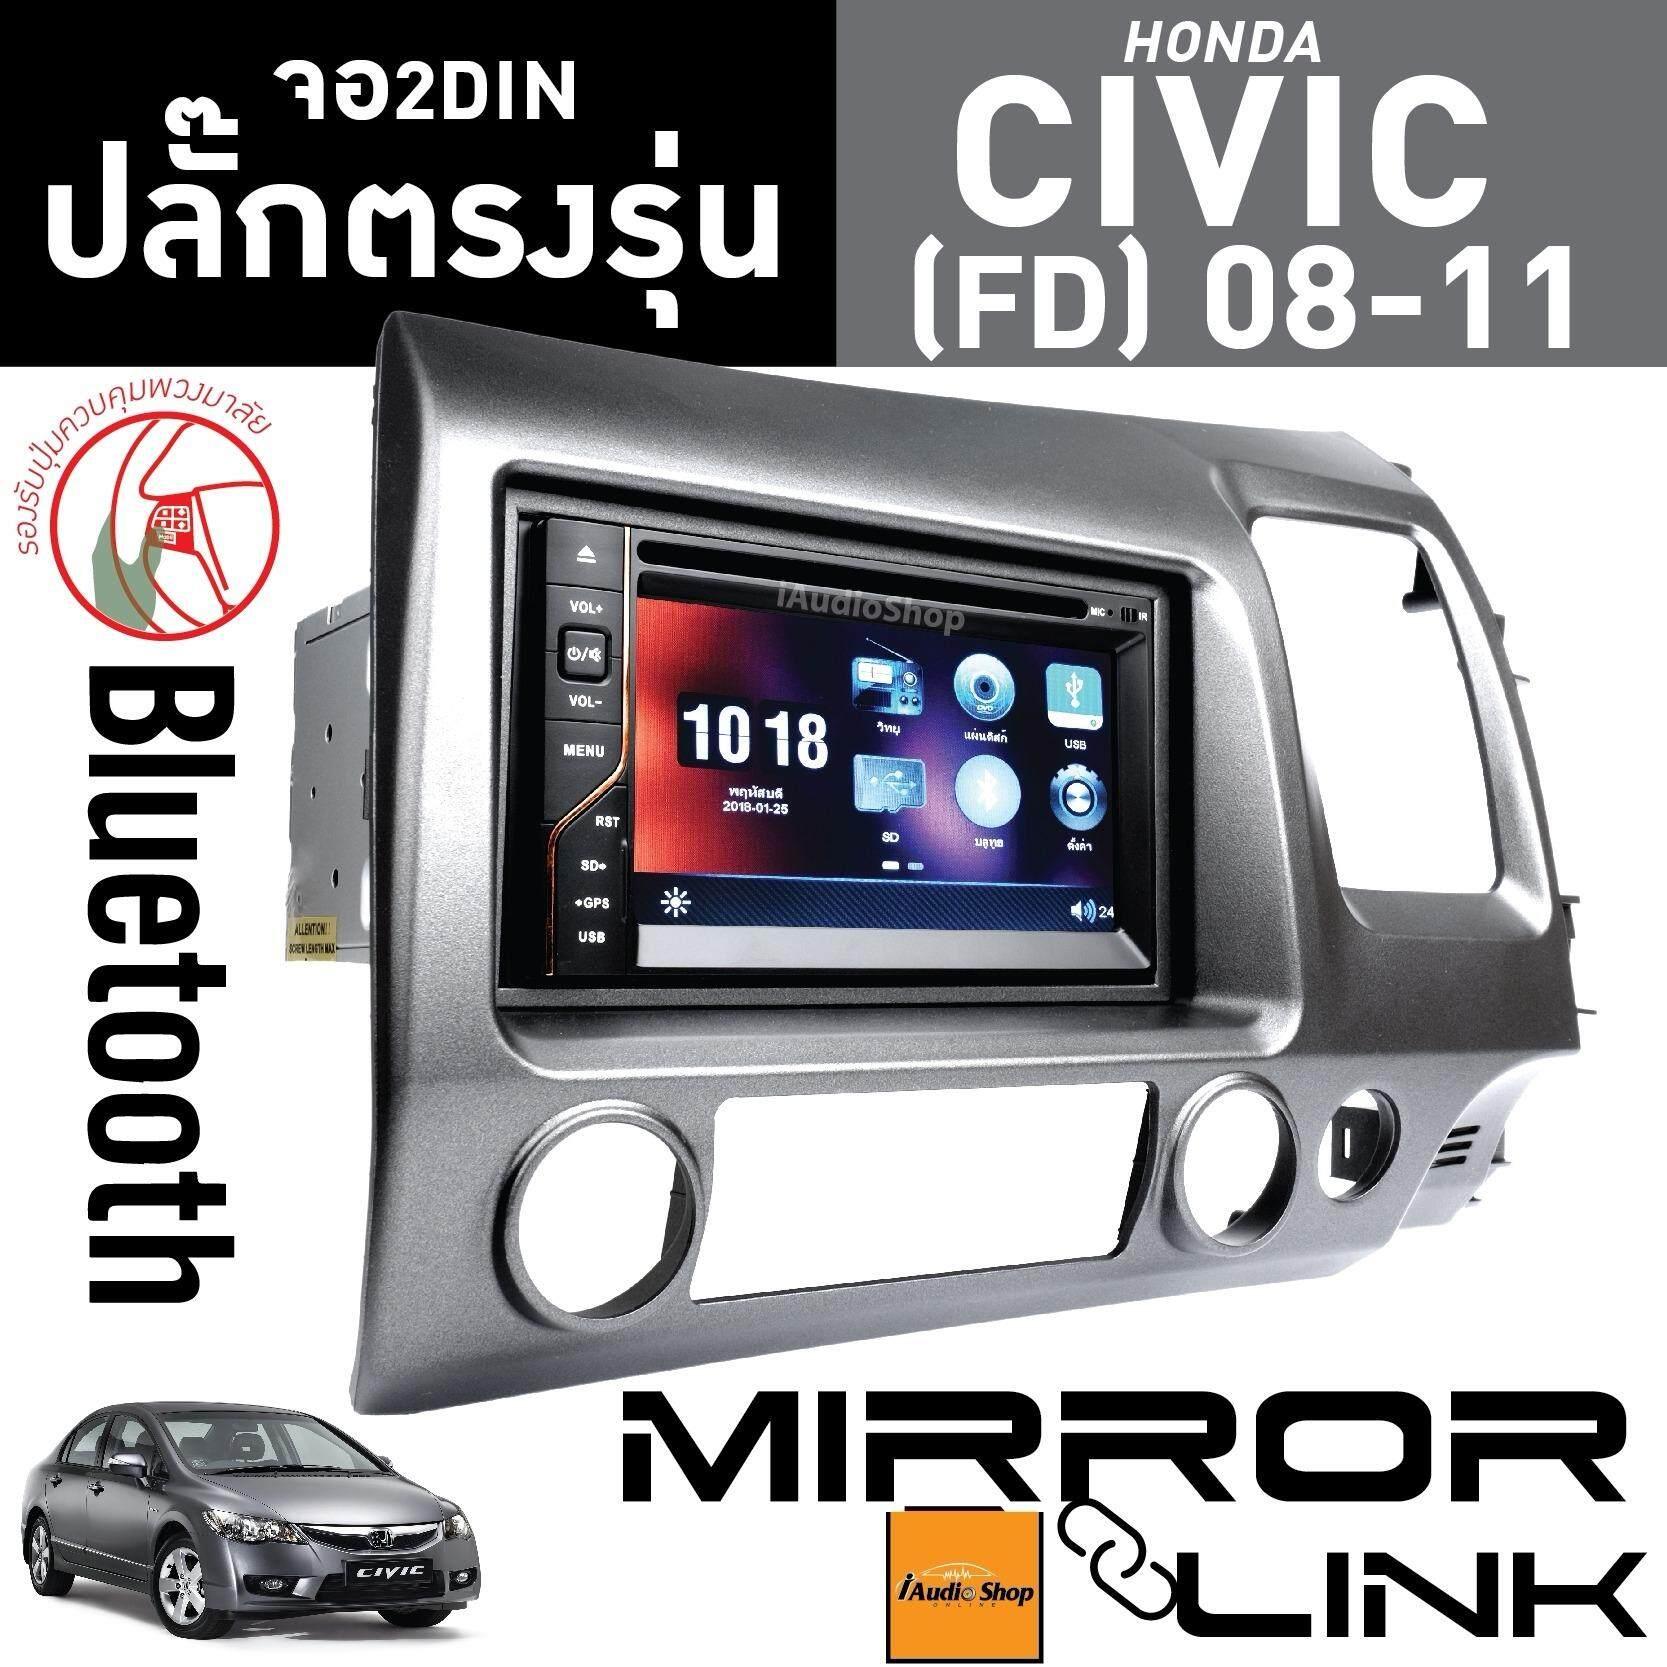 Black Magic ปลั๊กตรงรุ่น ระบบมิลเลอร์ลิงค์ วิทยุติดรถยนต์ จอติดรถยนต์ จอ2Din จอตรงรุ่น วิทยุตรงรุ่น Bmg 6517 Mirror Link พร้อมหน้ากากตรงรุ่น ฮอนด้า ซีวิค นางฟ้า Honda Civic Fd 06 11 ปลั๊กตรงรุ่นไม่ต้องตัดต่อสายไฟ สำหรับรถที่มีคอนโทรลพวงมาลัย เป็นต้นฉบับ